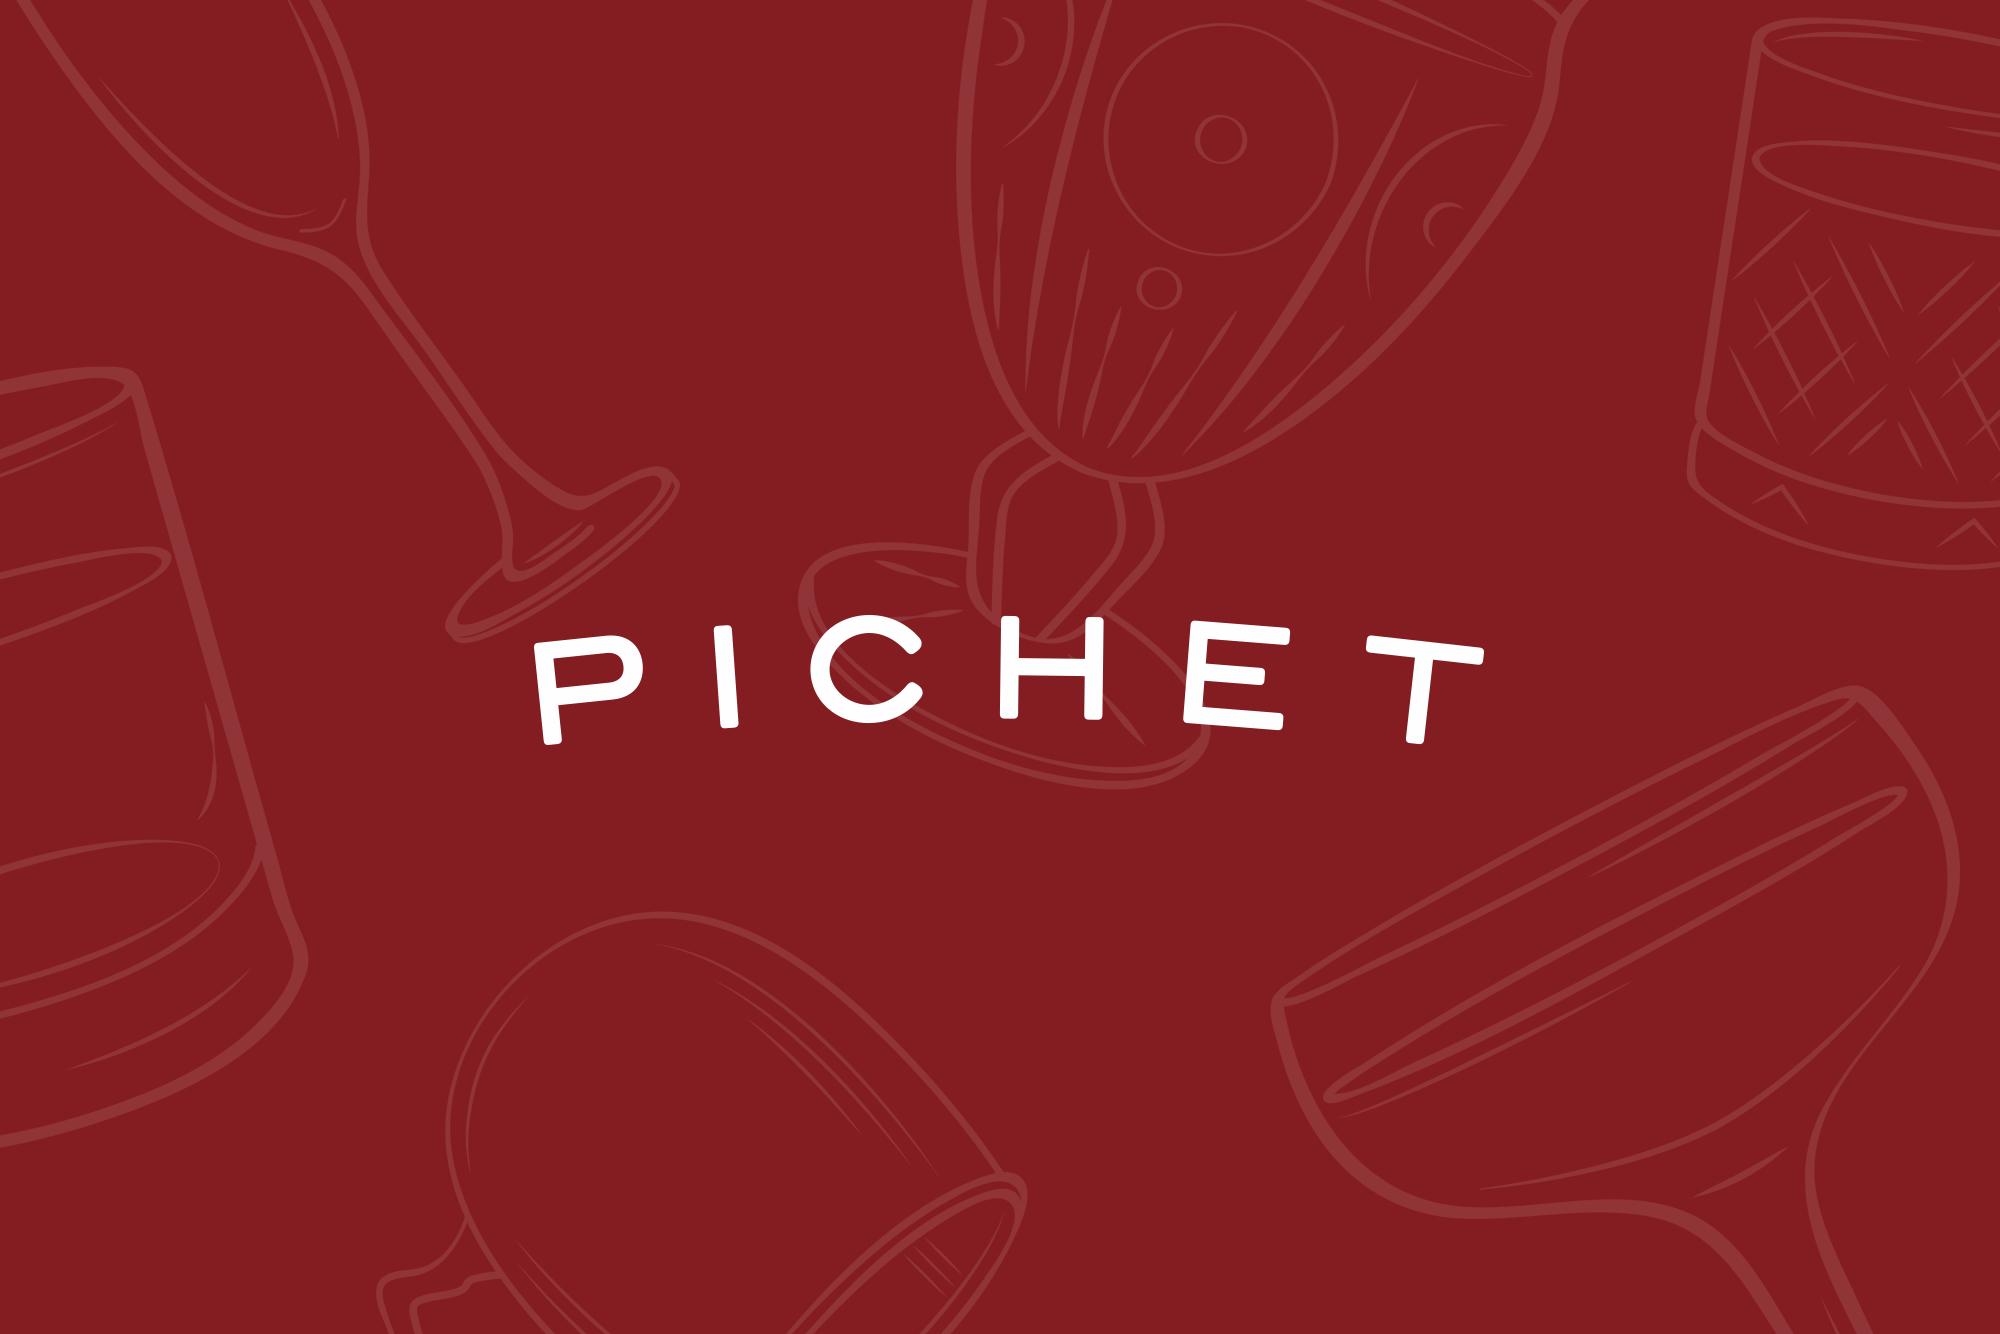 Cover image: Pichet